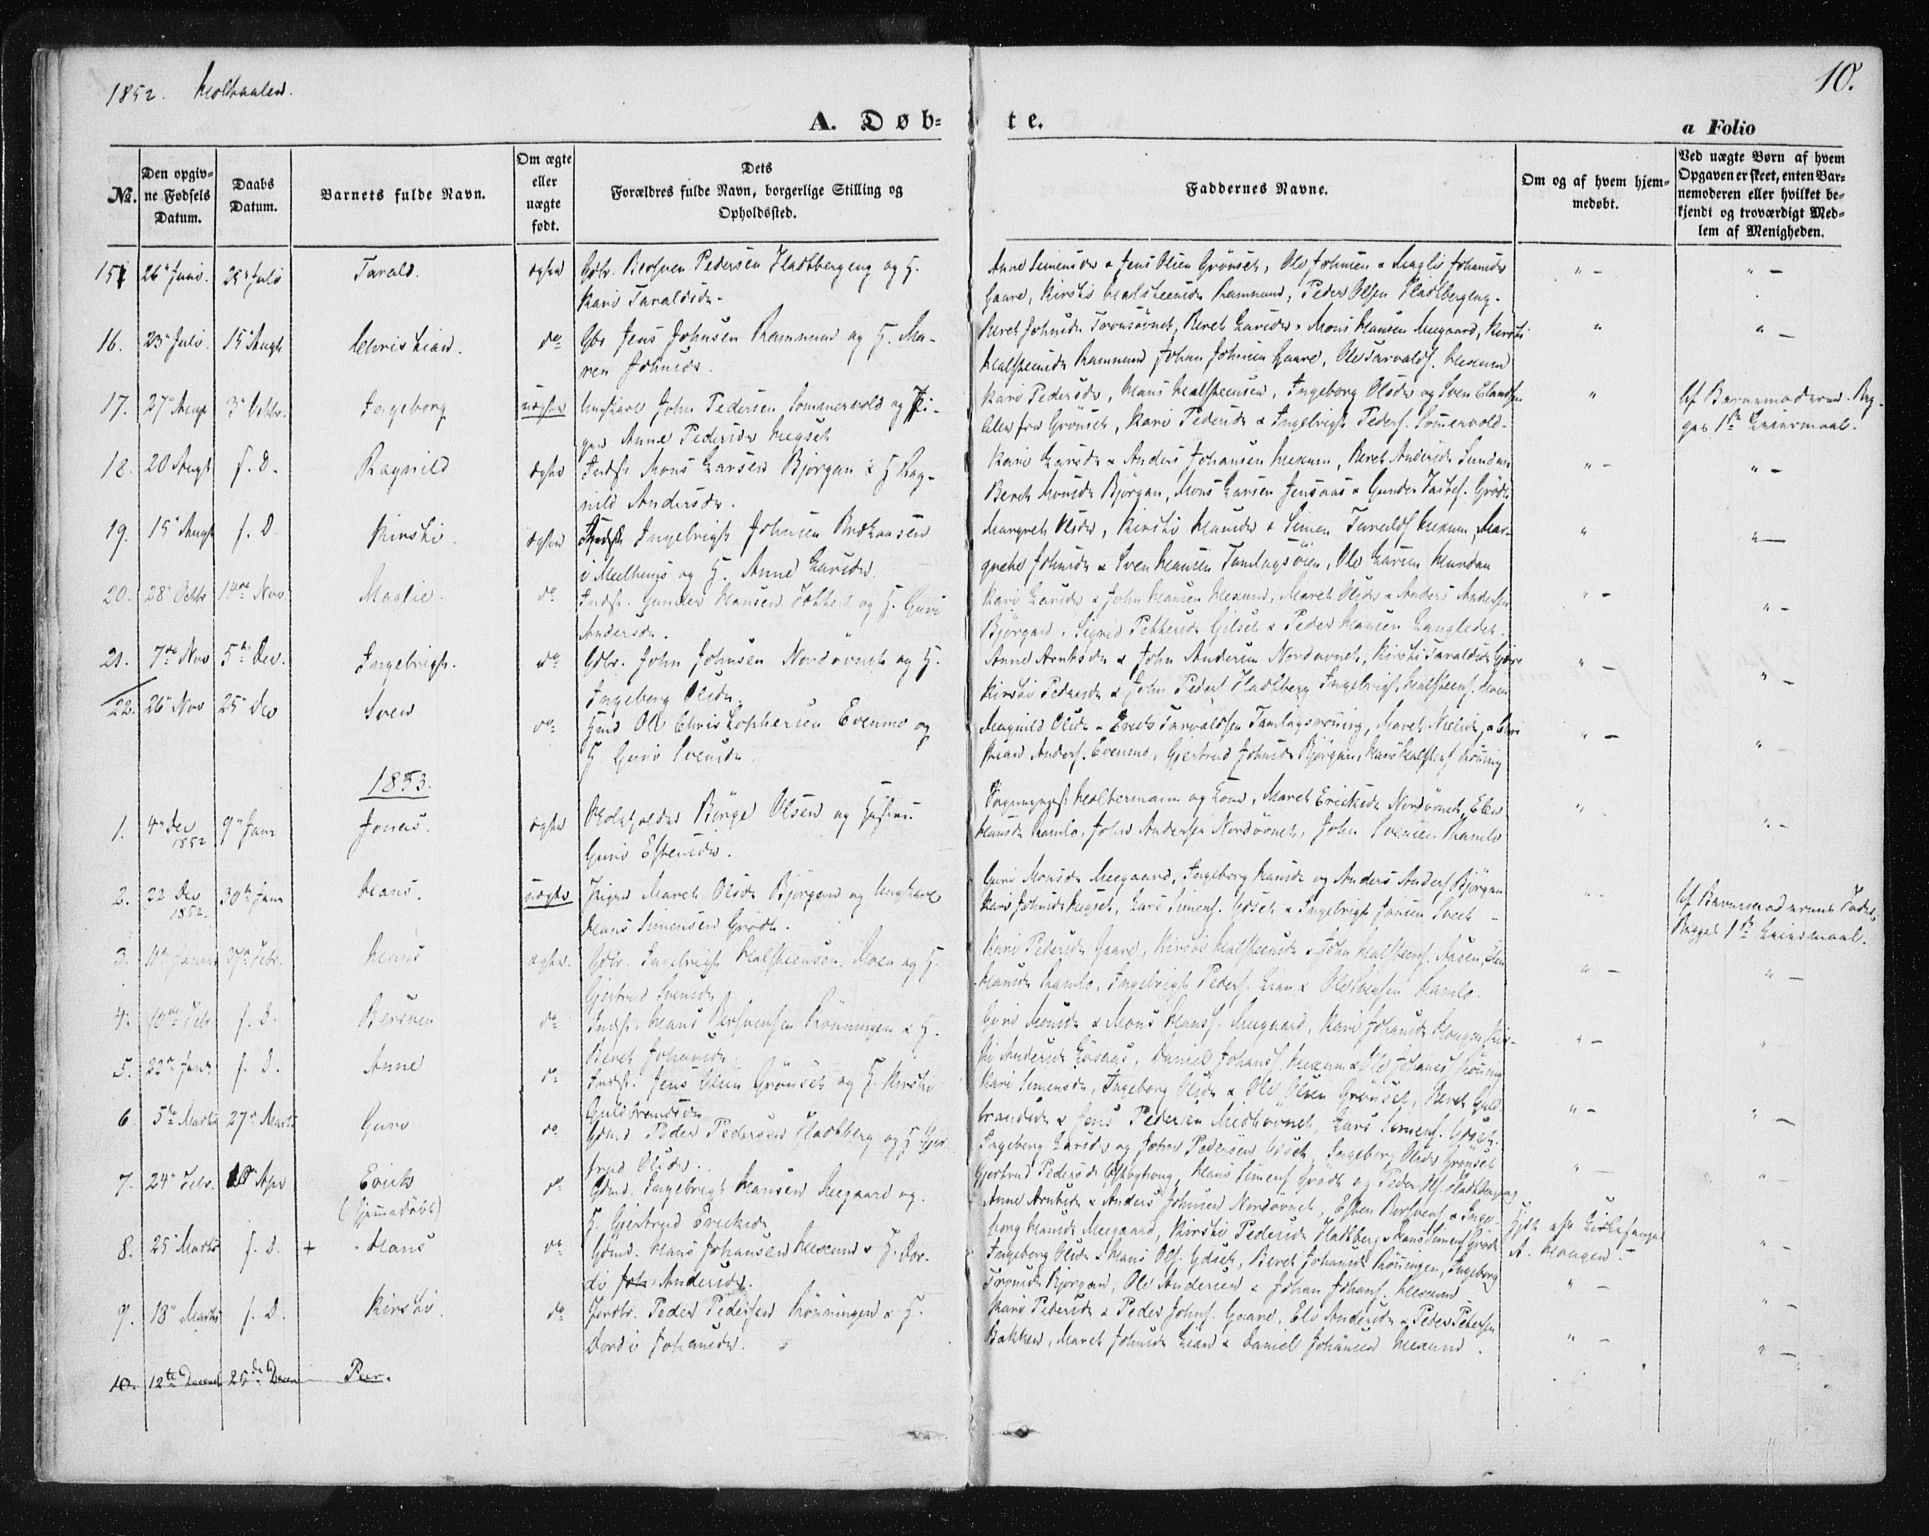 SAT, Ministerialprotokoller, klokkerbøker og fødselsregistre - Sør-Trøndelag, 685/L0963: Ministerialbok nr. 685A06 /1, 1846-1859, s. 10